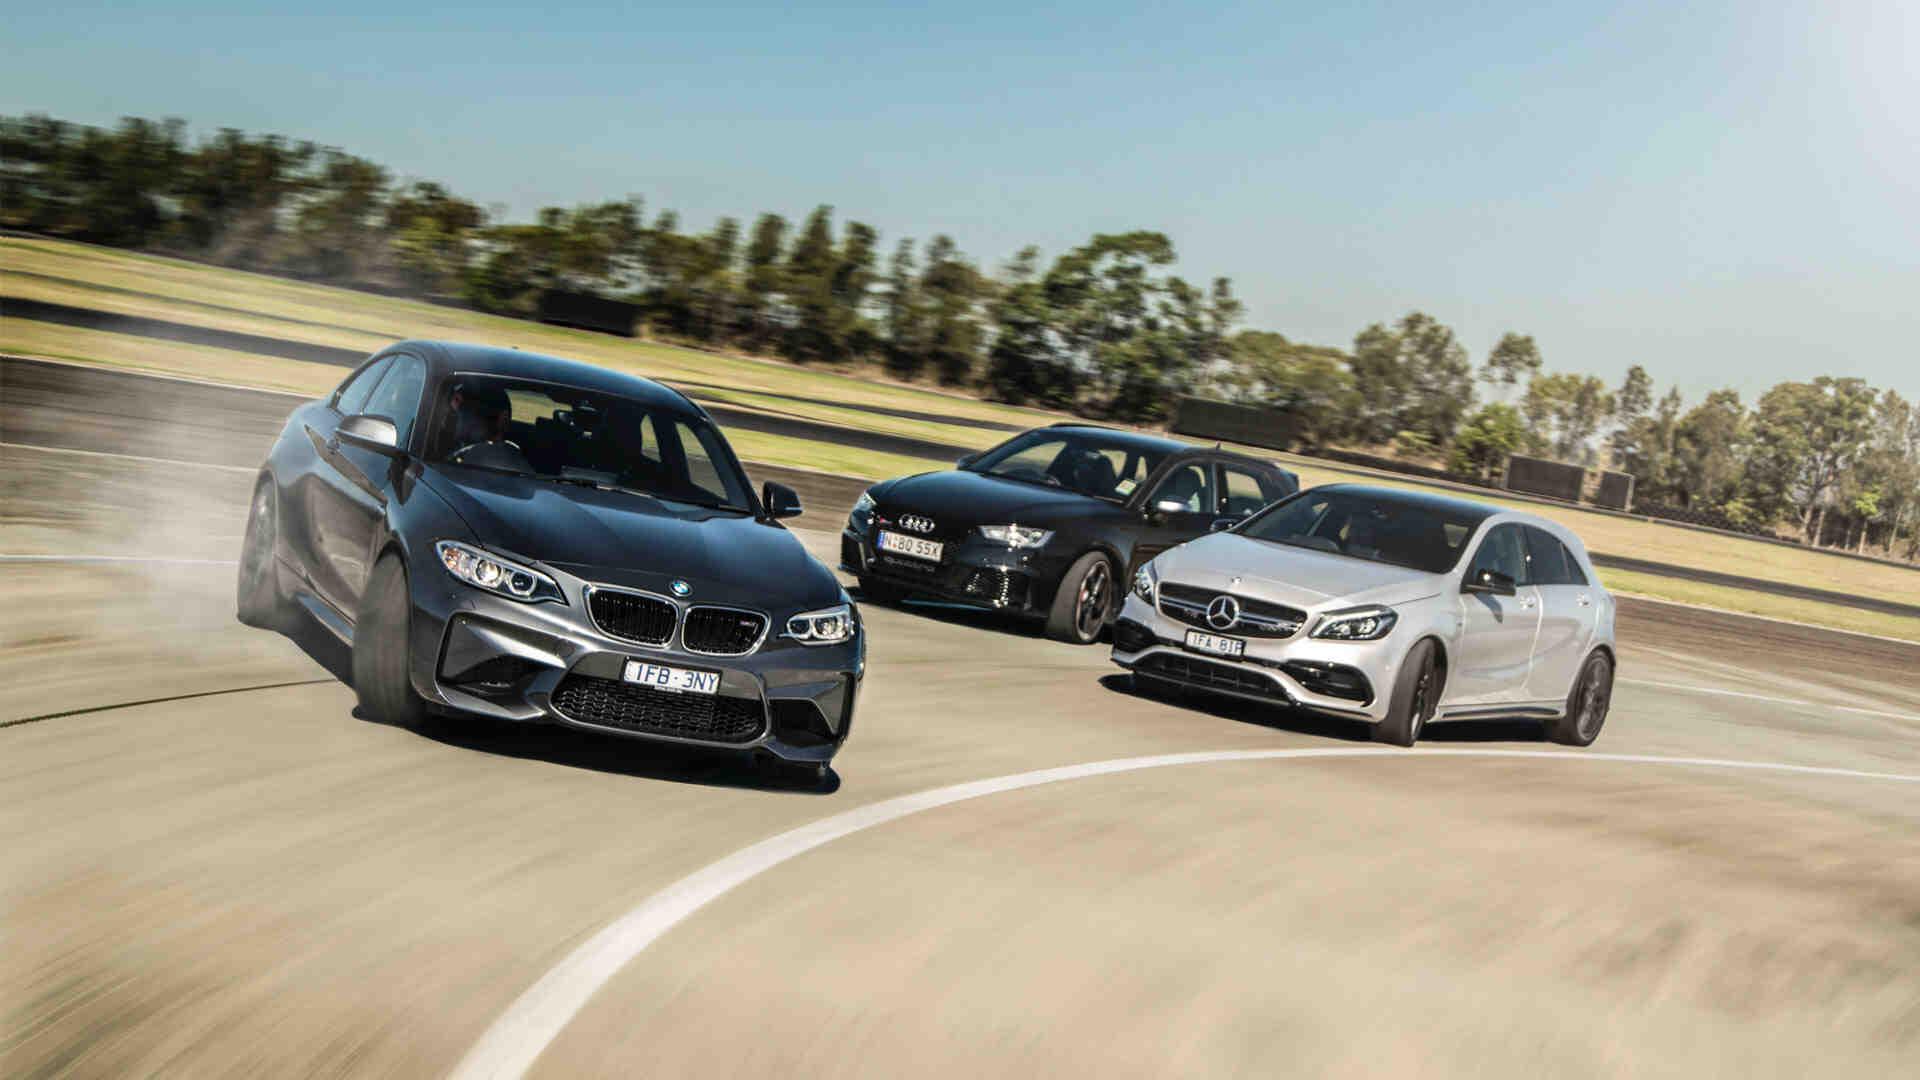 Quelle est la voiture la plus fiable?